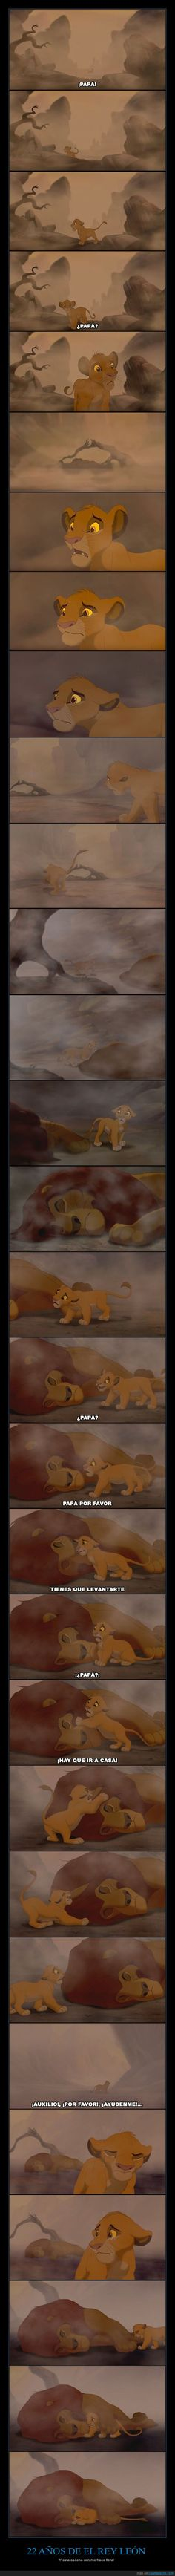 Se cumplen 22 años de El Rey León y los recordamos con esta secuencia - Y esta escena aún me hace llorar